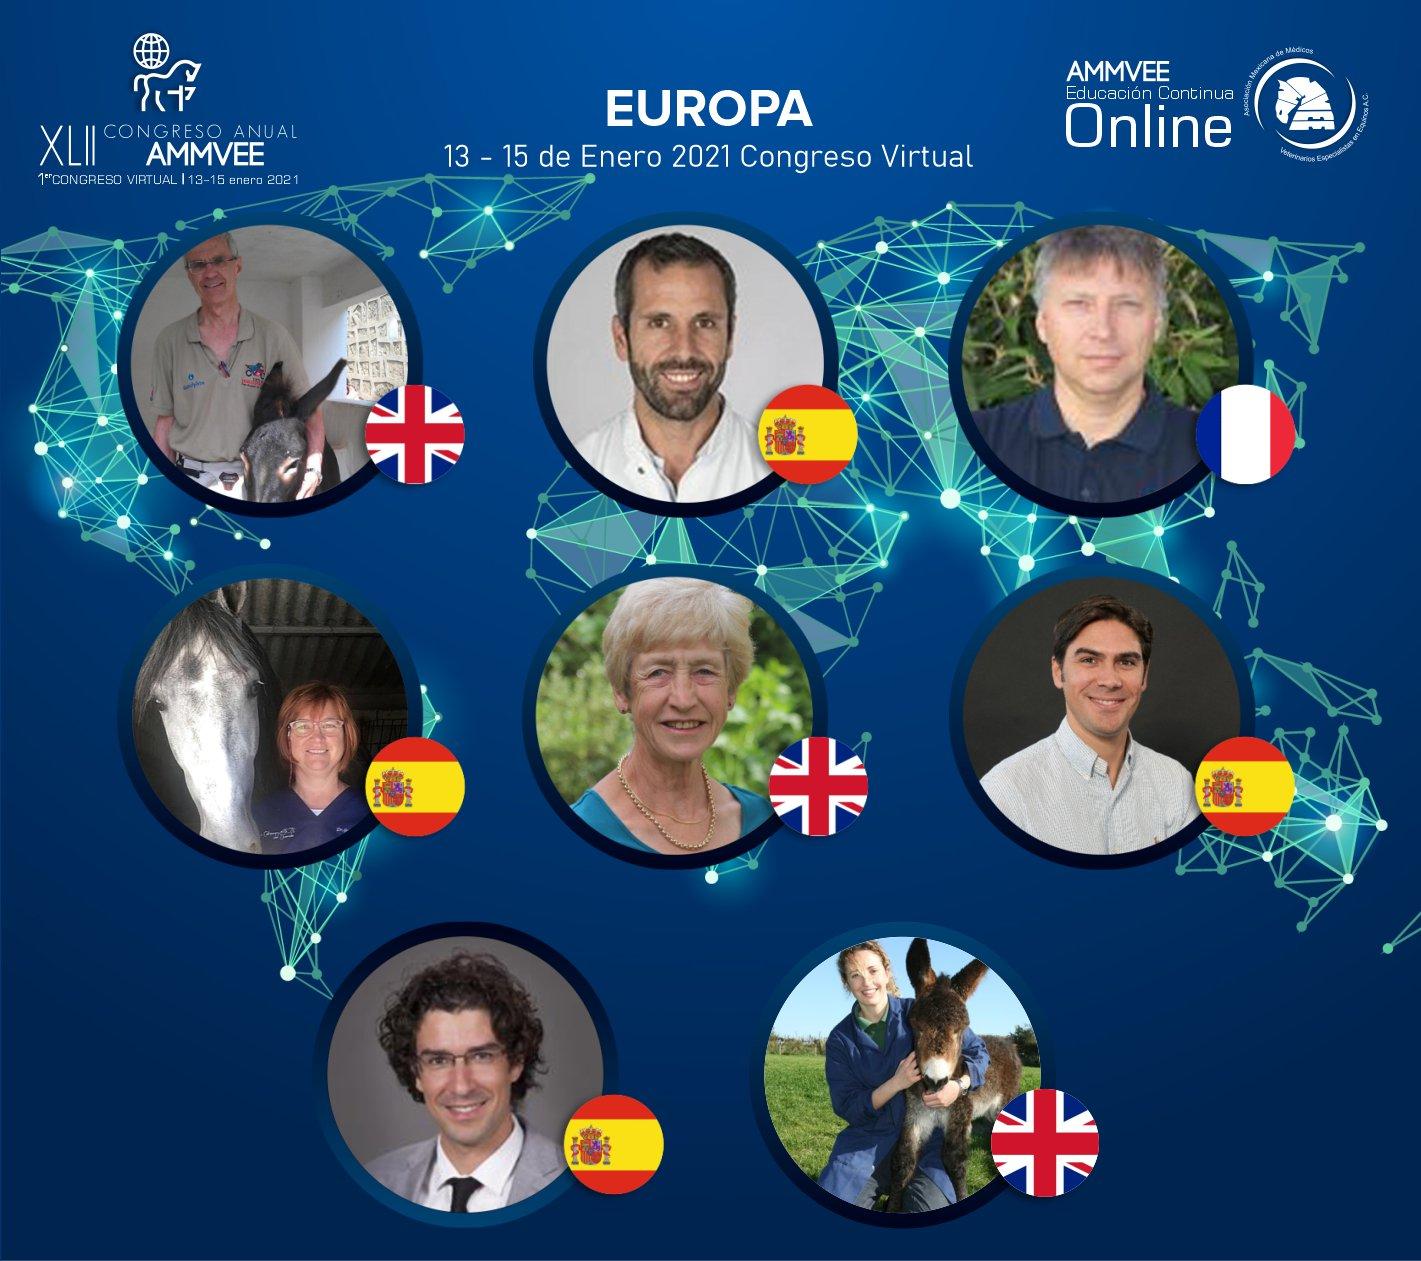 Congreso virtual AMMVEE - Ponentes Europa